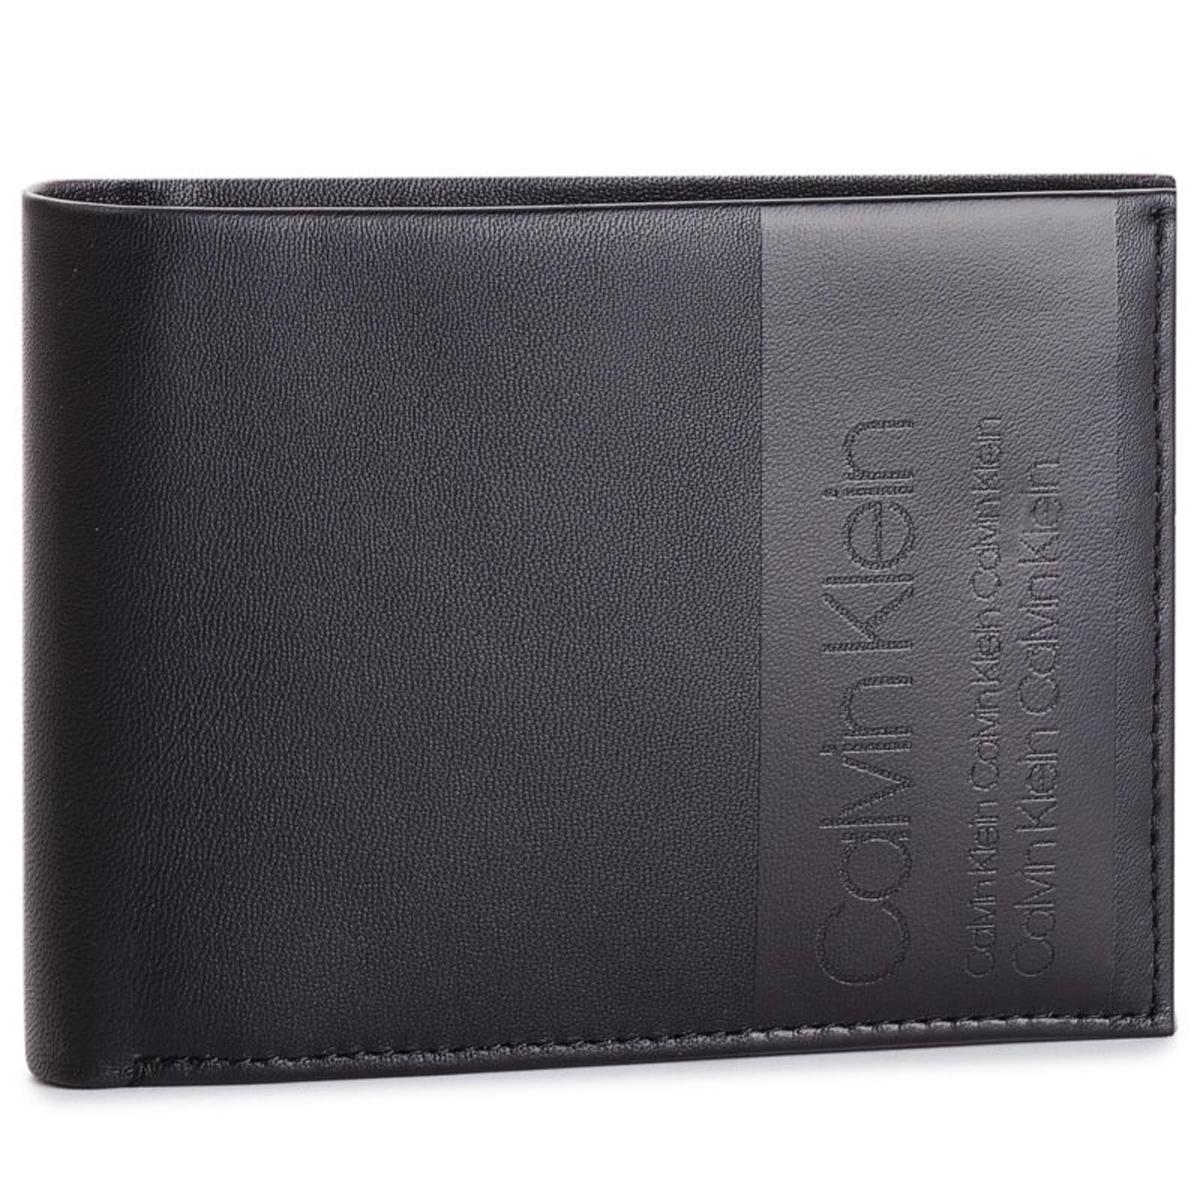 カルバンクライン Calvin Klein CK K50K504451 001 財布 二つ折り財布 折りたたみ財布 メンズ ブラック